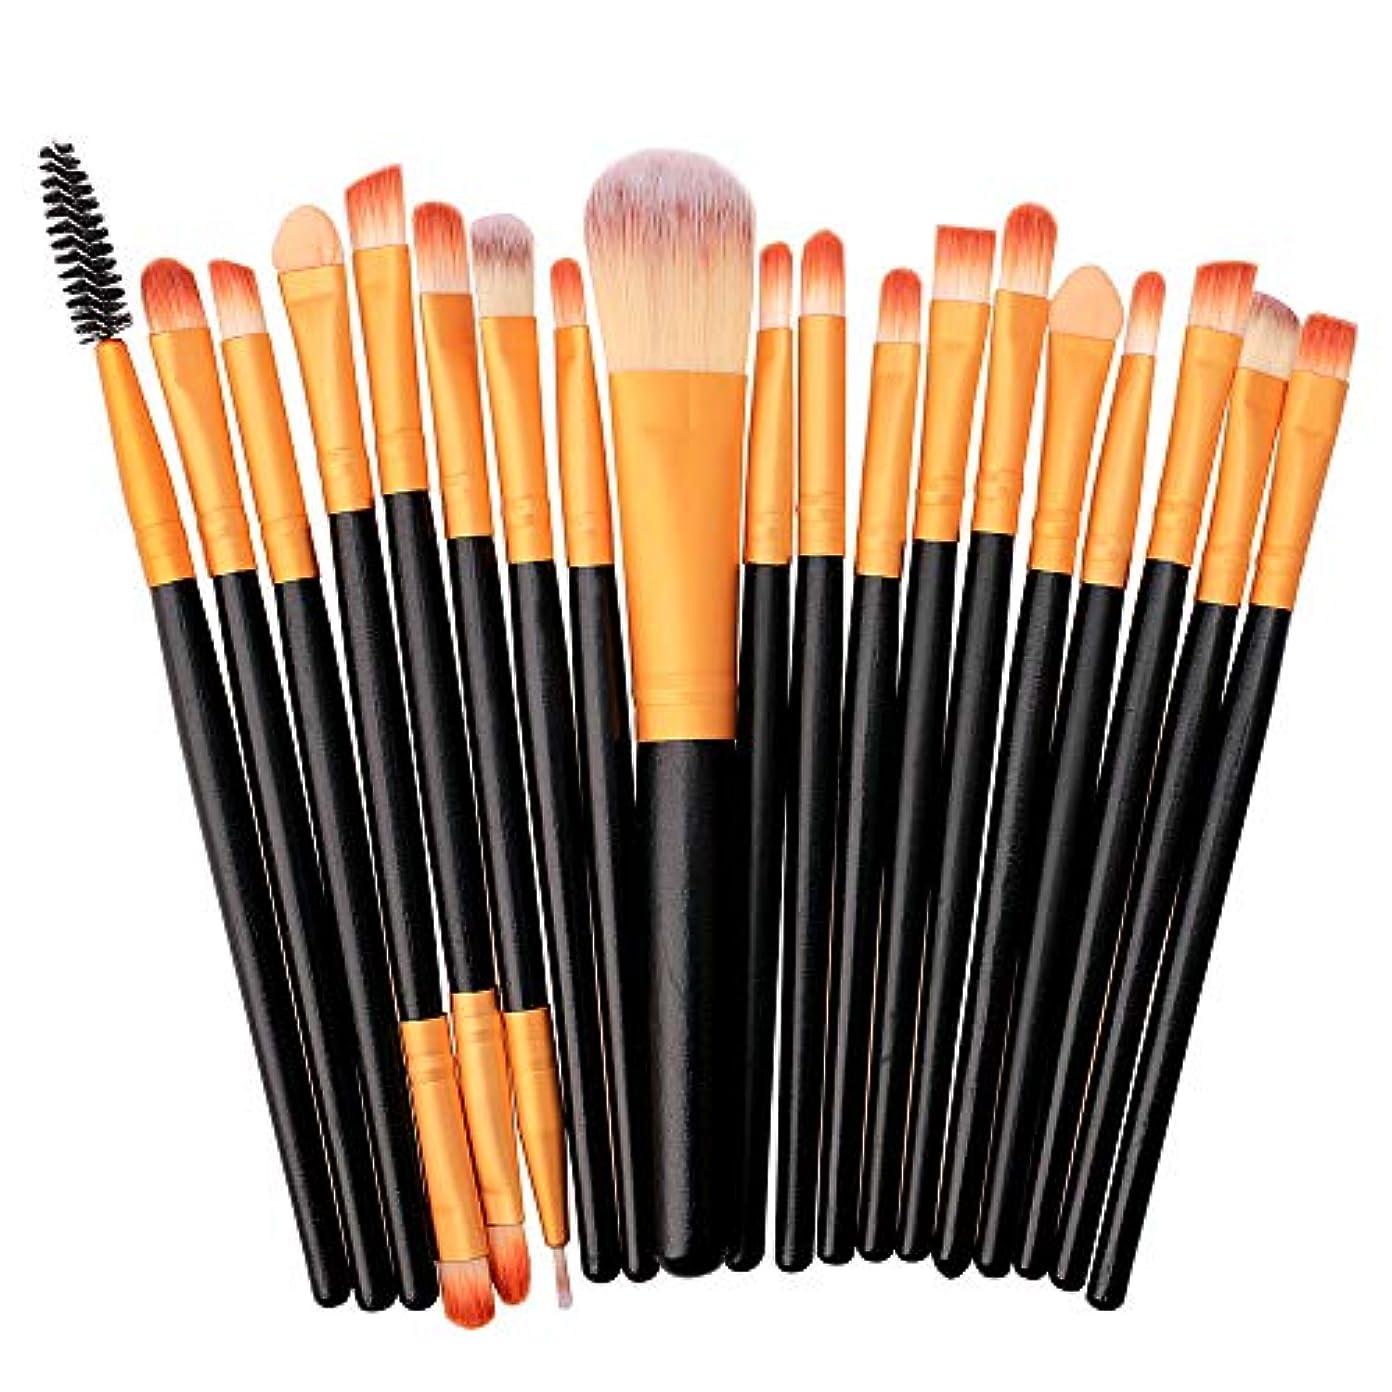 メイクアップブラシセット   20本セット化粧筆アイシャドウメイクブラシコスメチックビューティーツール化粧ブラシ (ブラック)